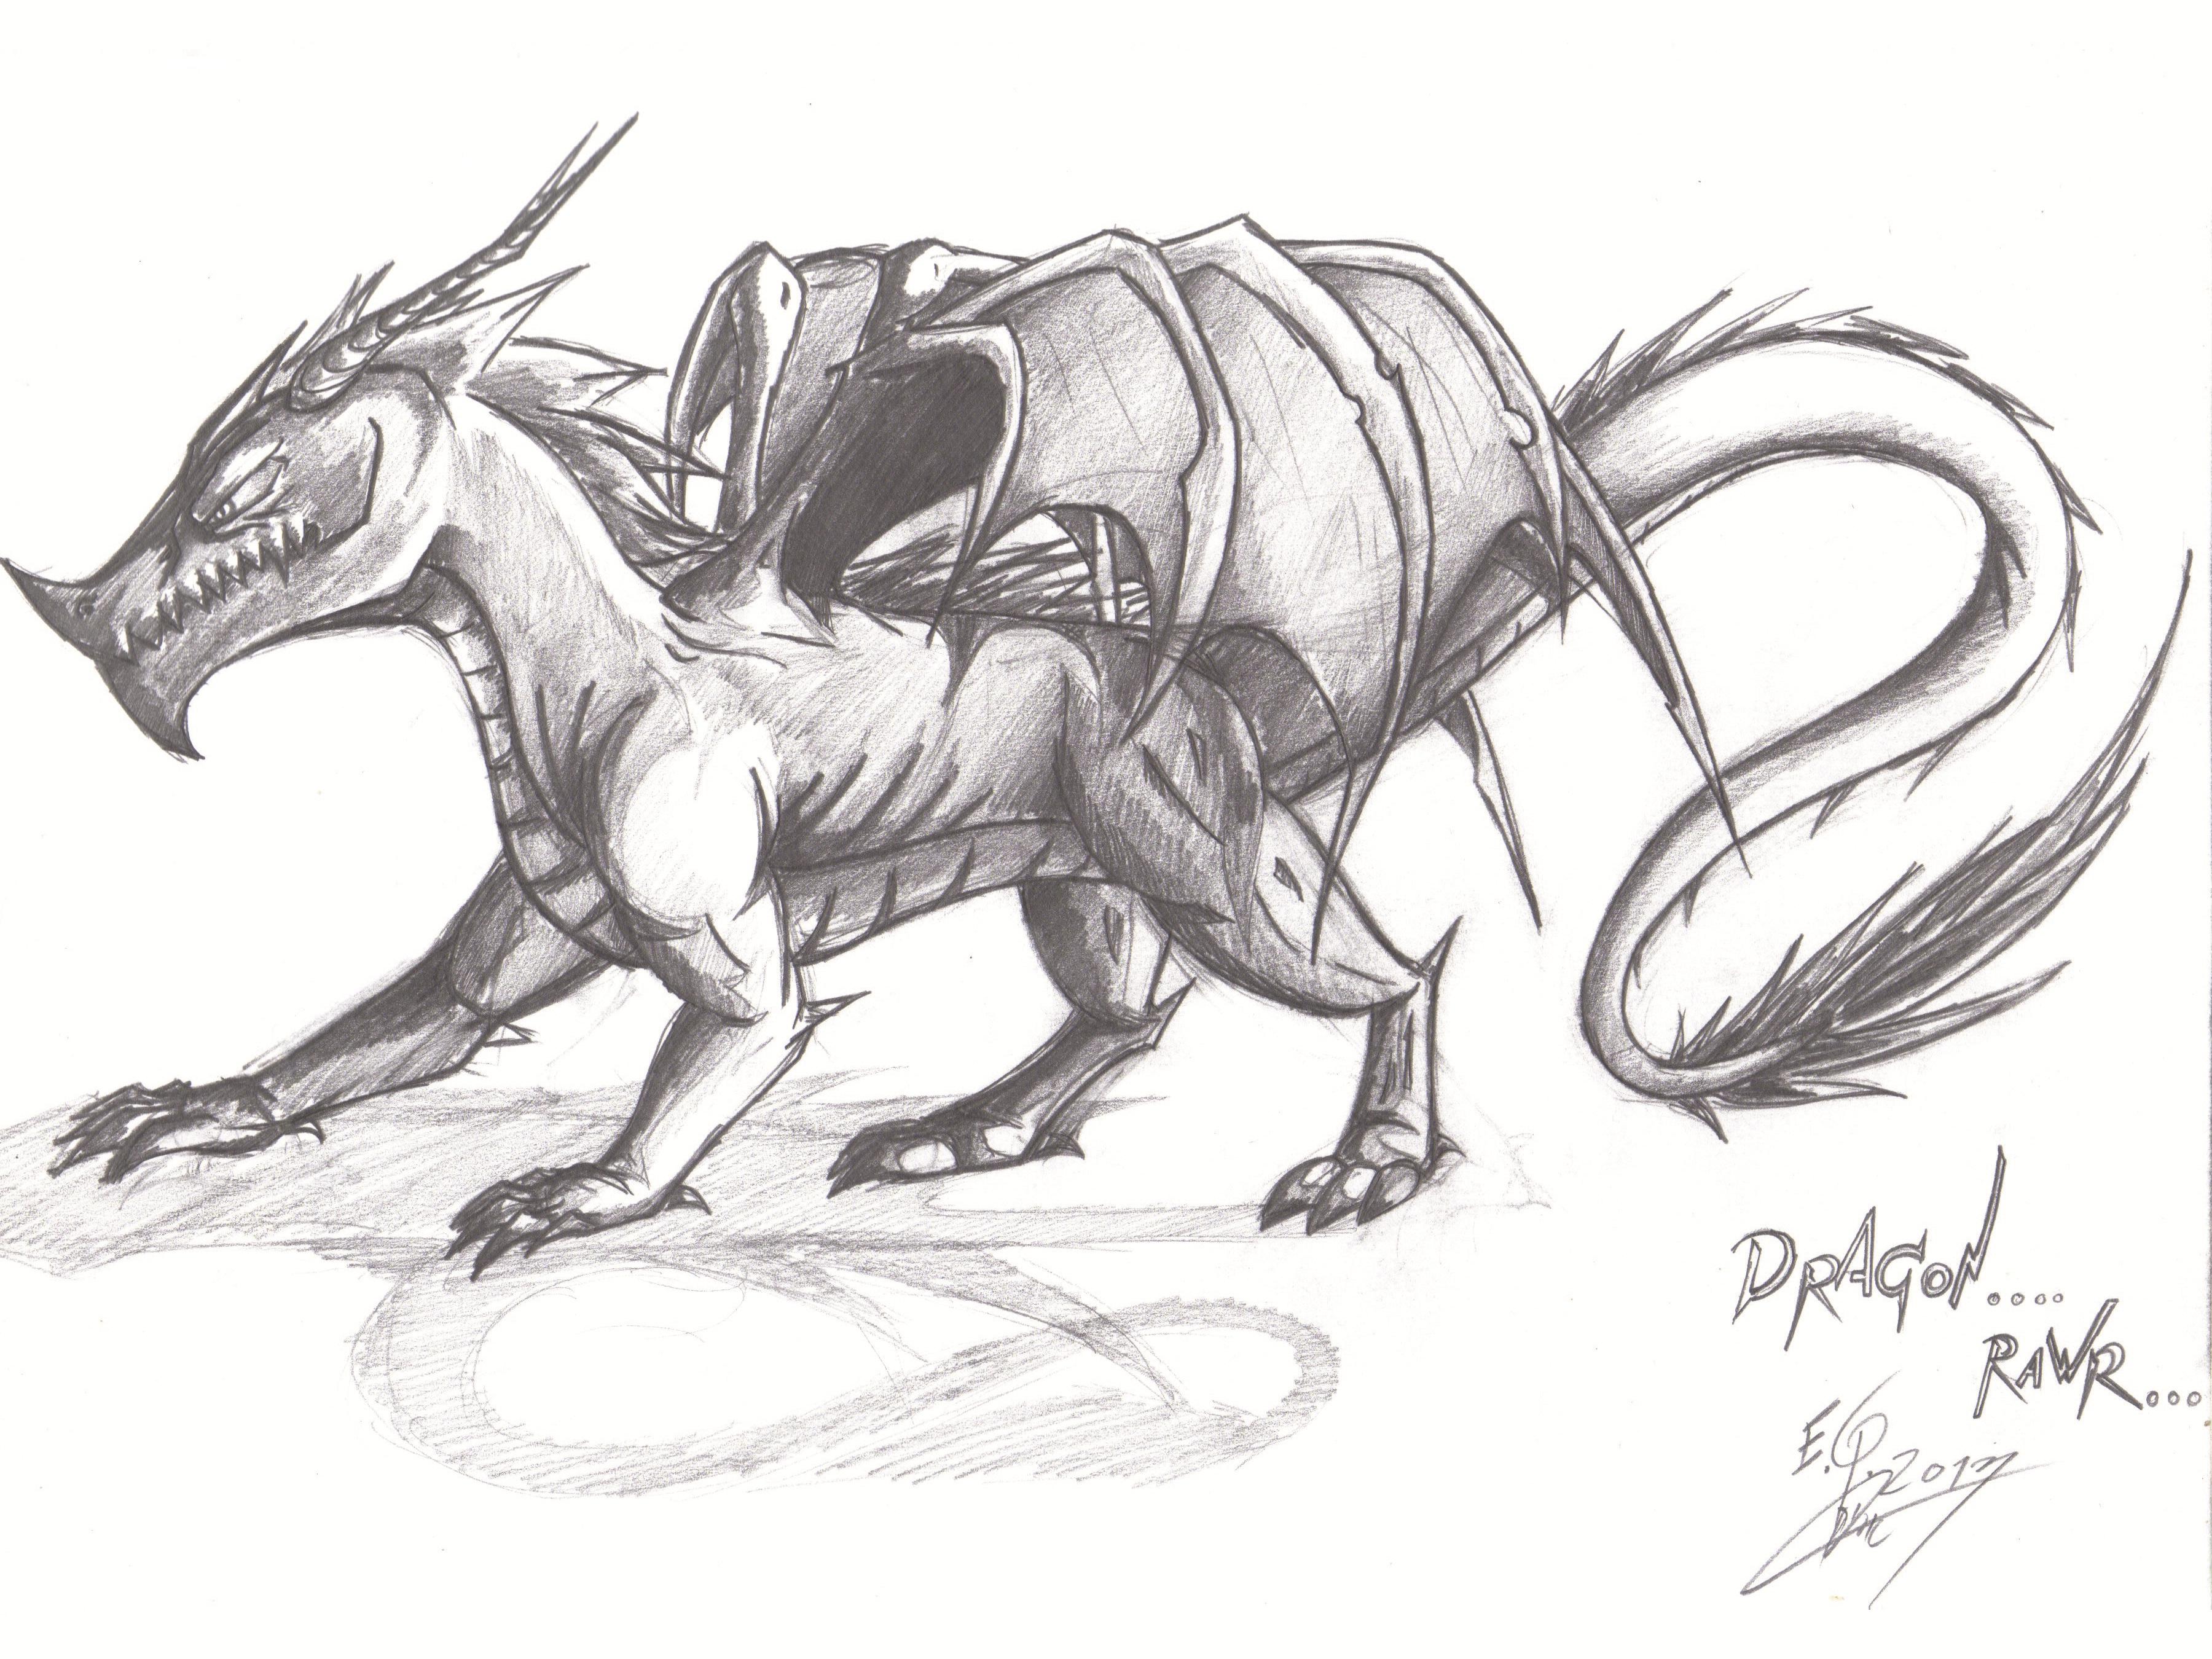 Dragon....rawr...